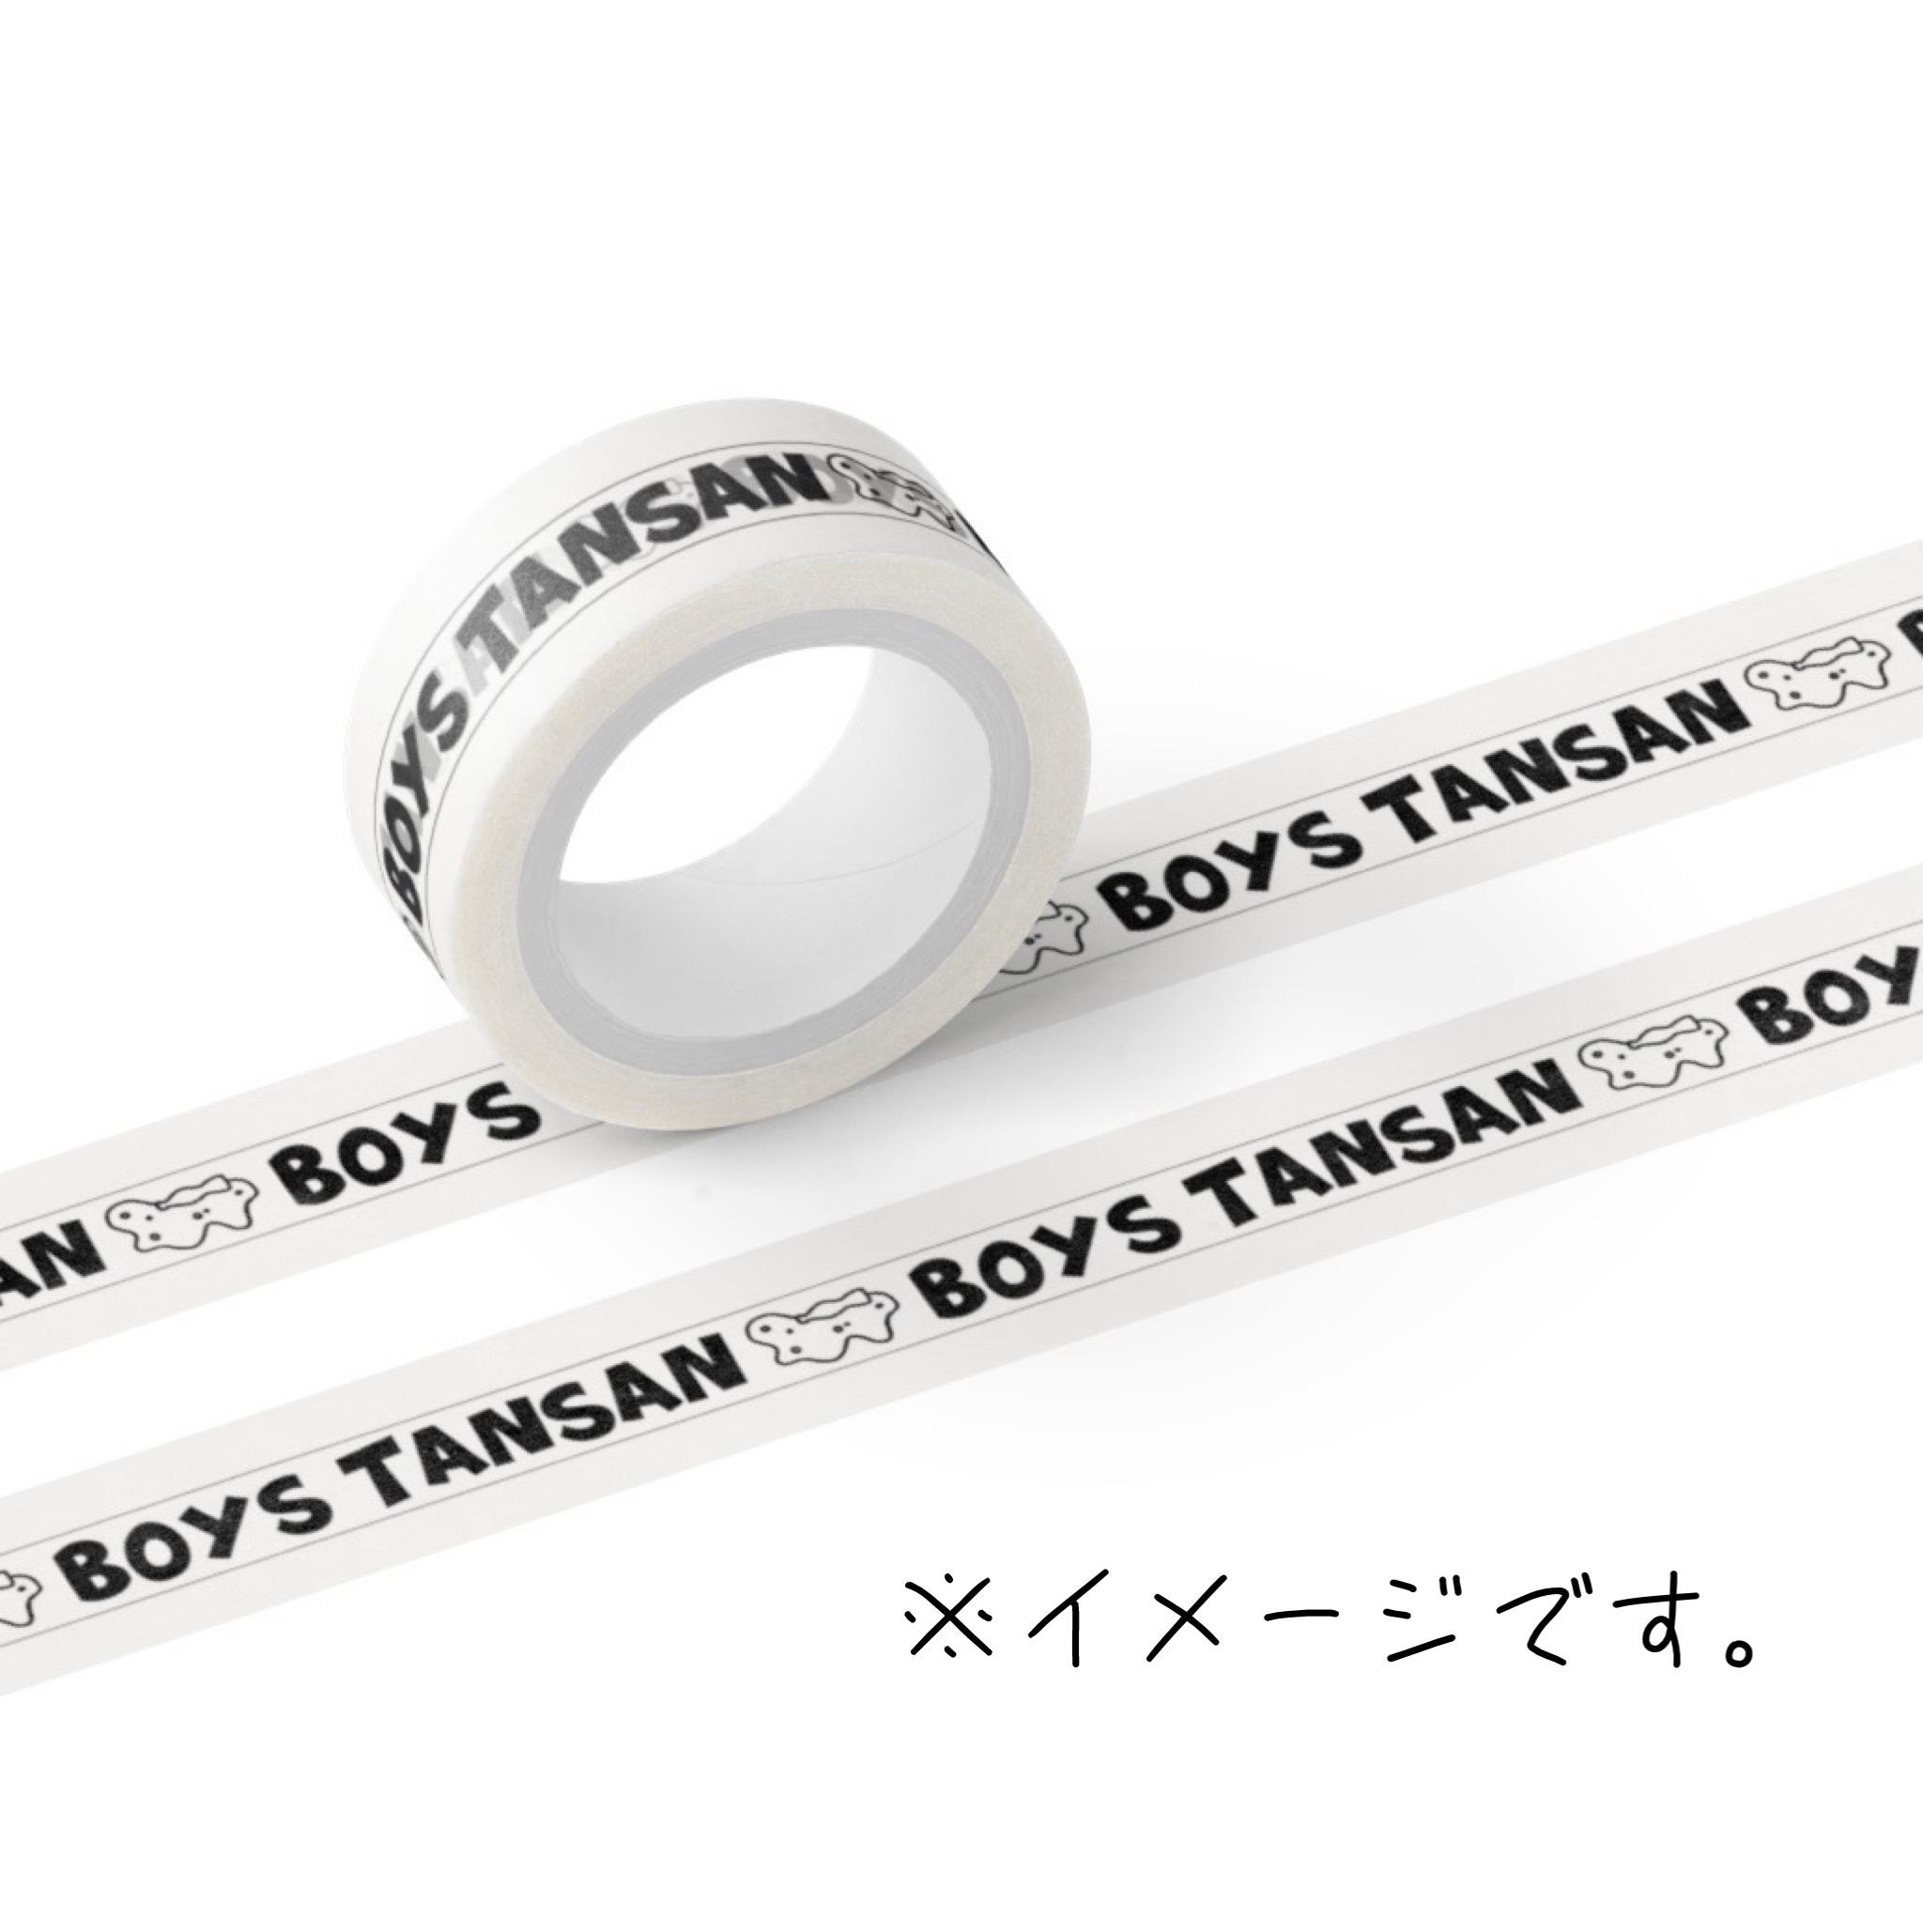 TANSAN BOYSマスキングテープ 15mmマスキングテープ